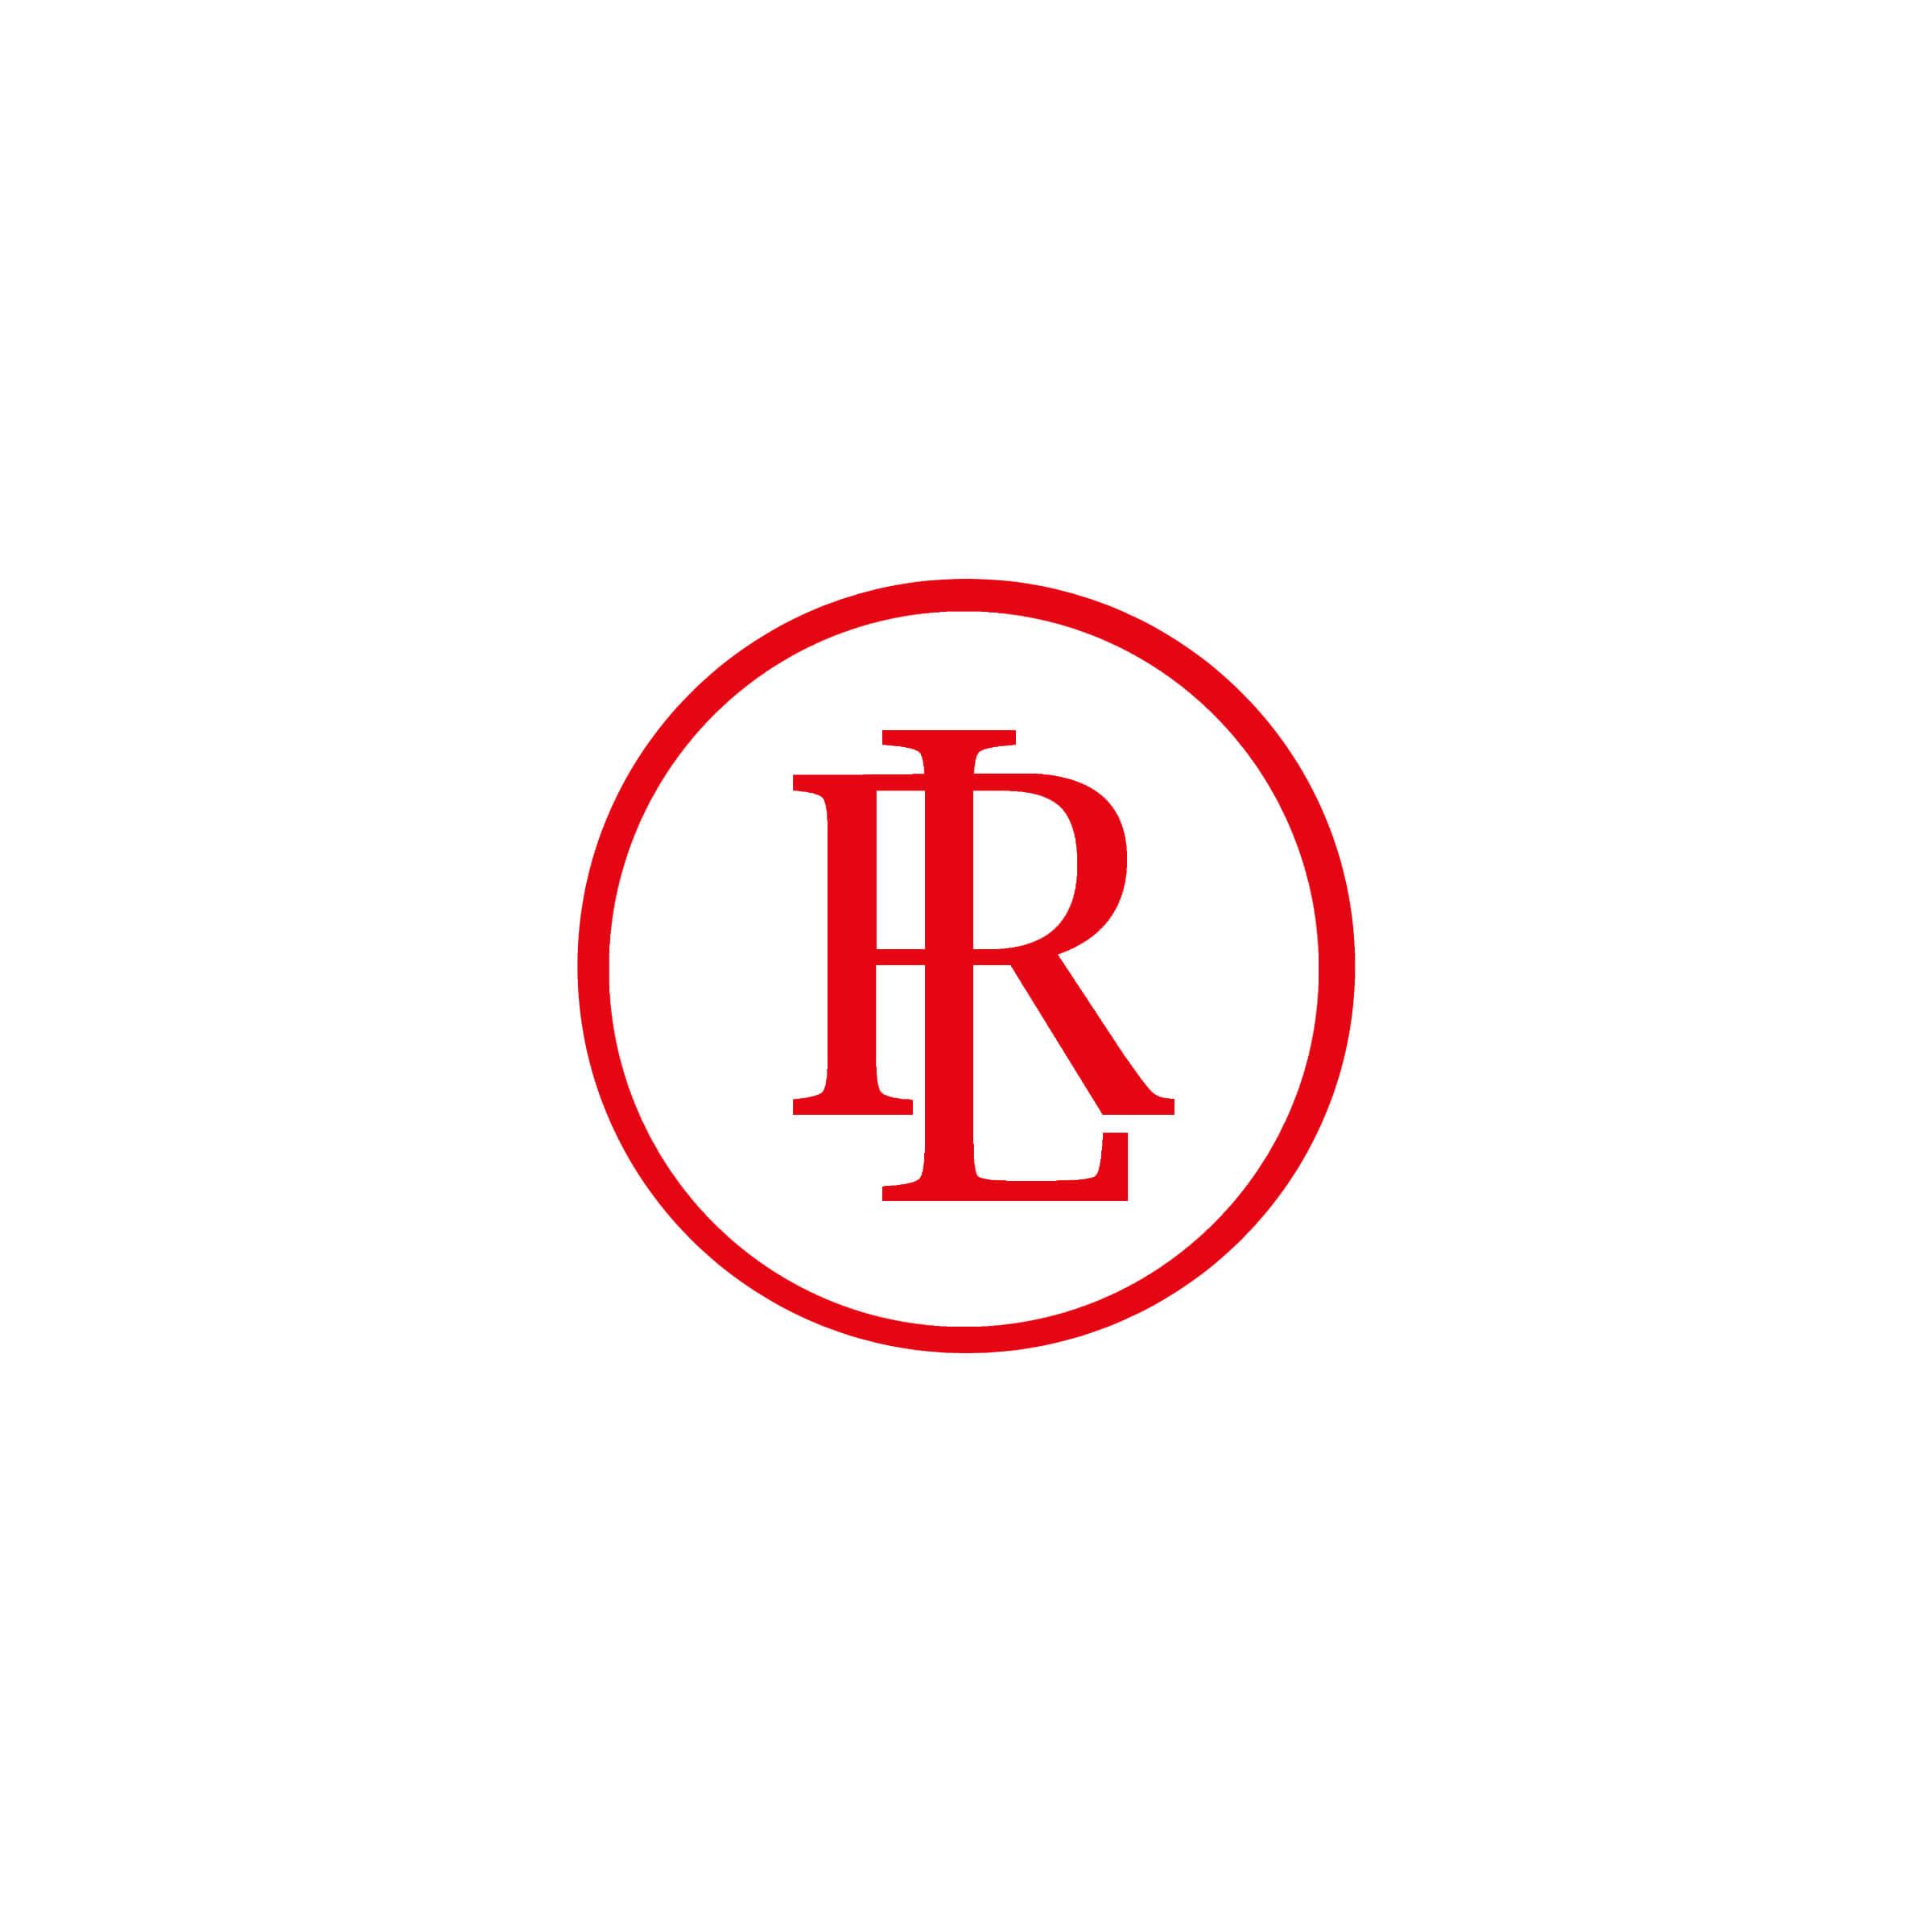 C3 -9/05 voorbumperlijst R primer